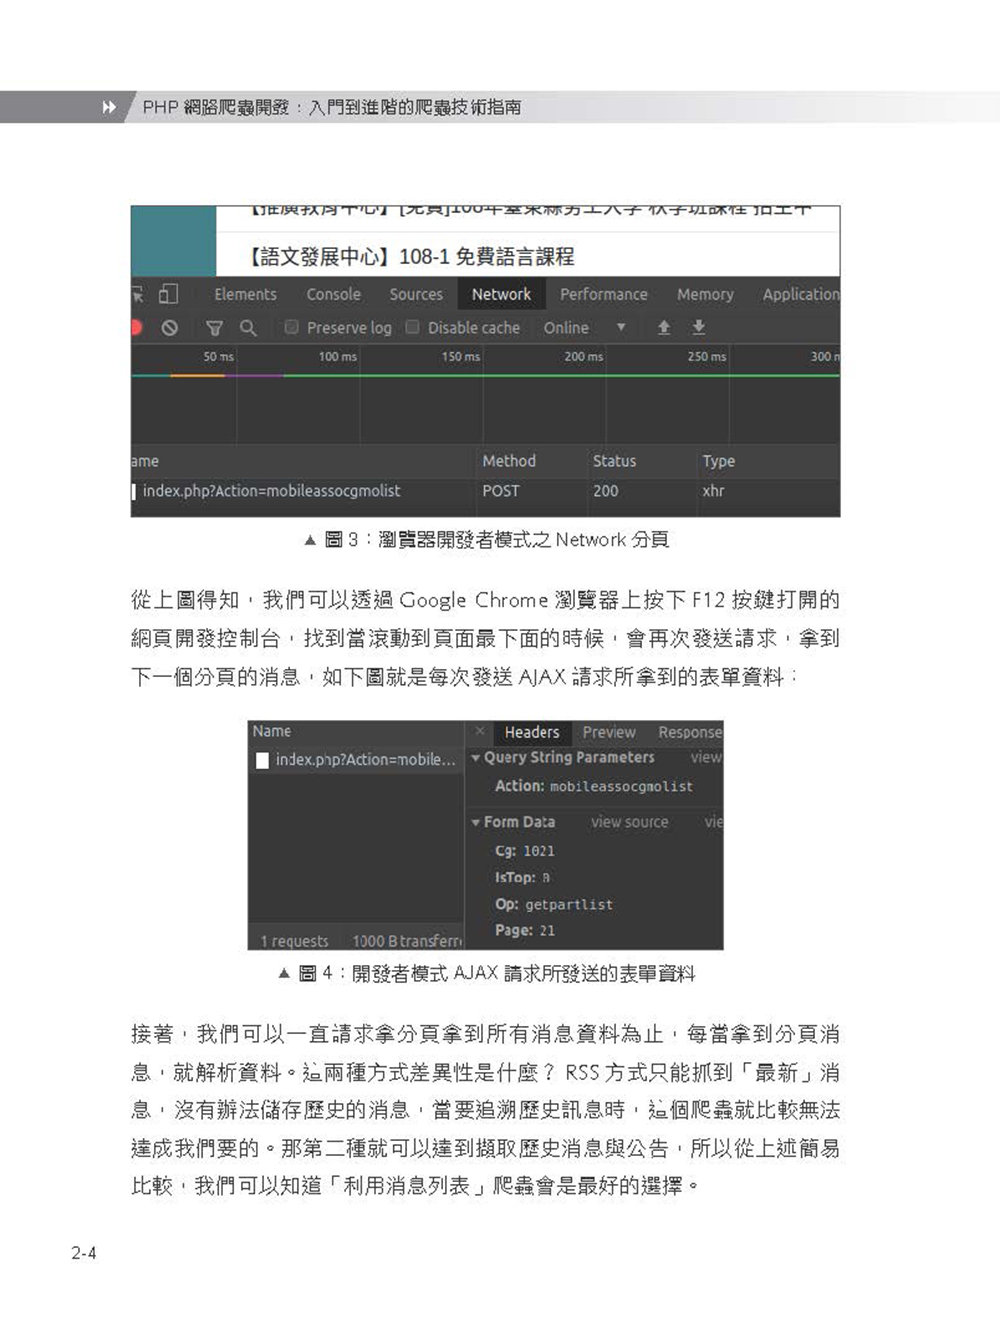 PHP 網路爬蟲開發:入門到進階的爬蟲技術指南(iT邦幫忙鐵人賽系列書)-preview-13